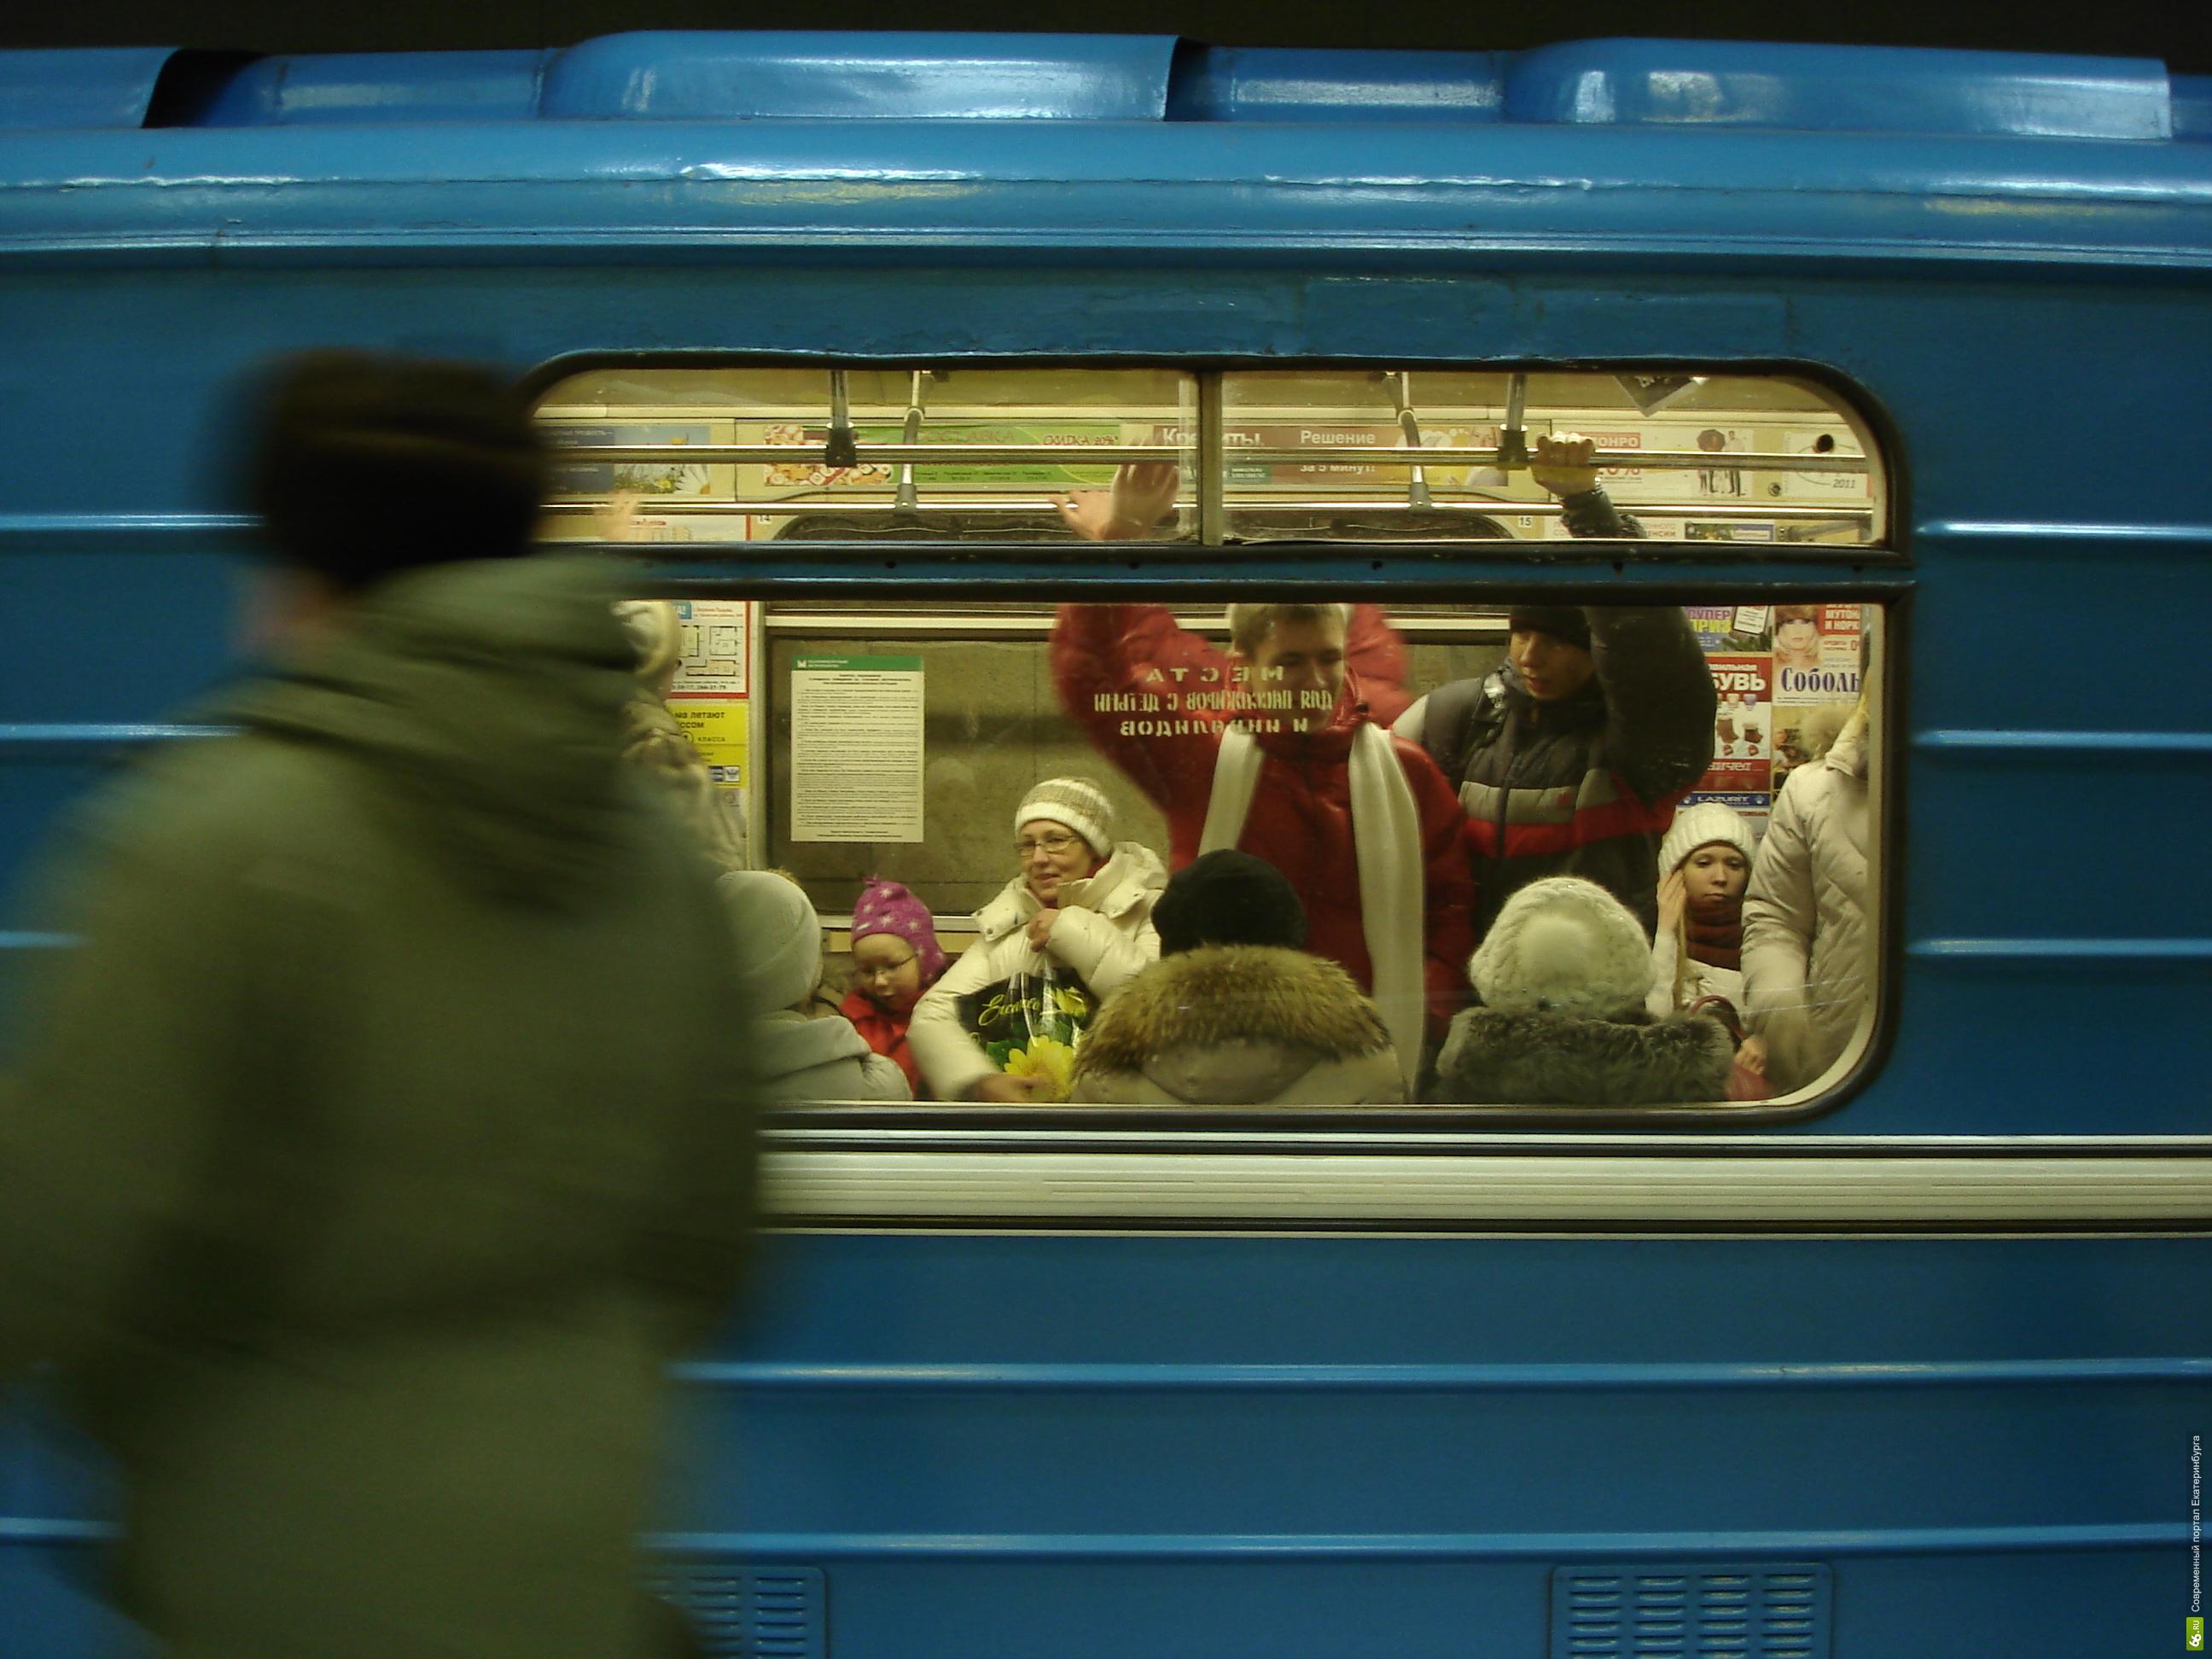 На станции метро «Уралмаш» пакет с продуктами перепутали с бомбой